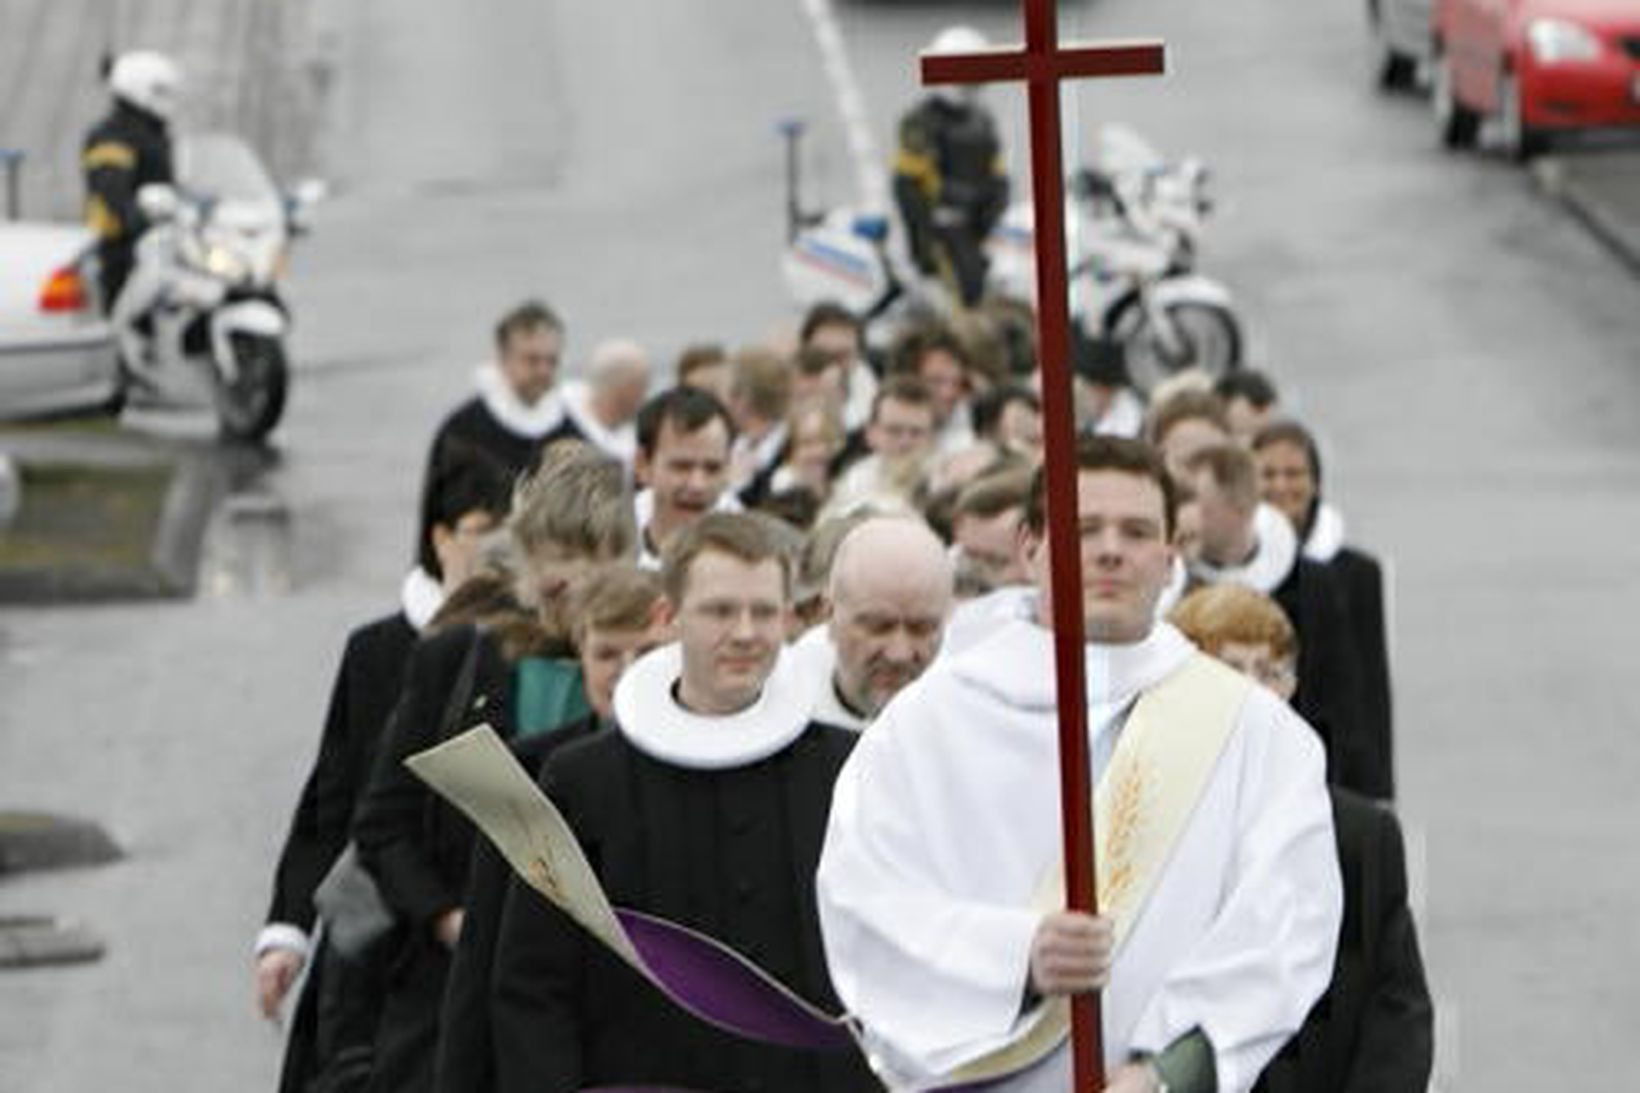 Starfsmenn Þjóðkirkjunnar verða beðnir að heimila aðgang að sakaskrá sinni. …